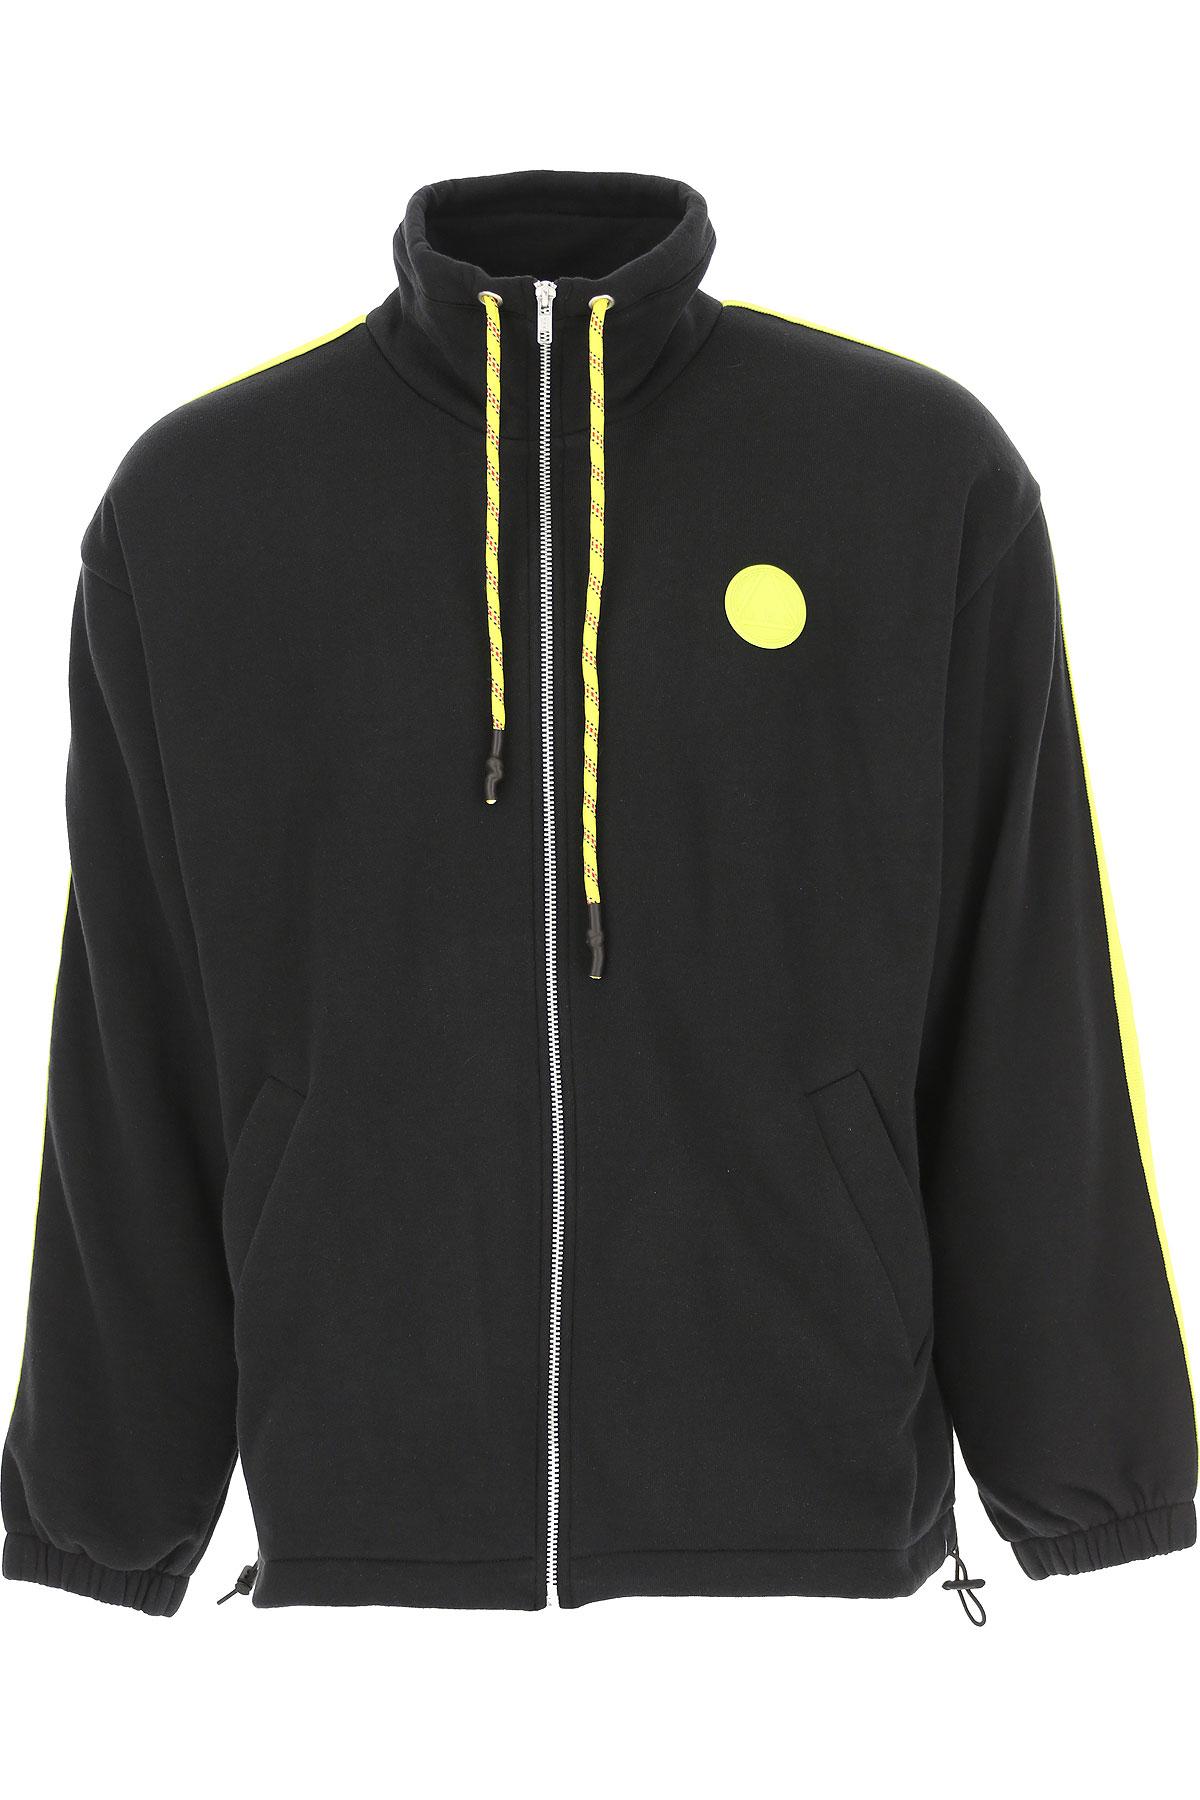 Alexander McQueen McQ Jacket for Men On Sale, Black, Cotton, 2019, L M S XL